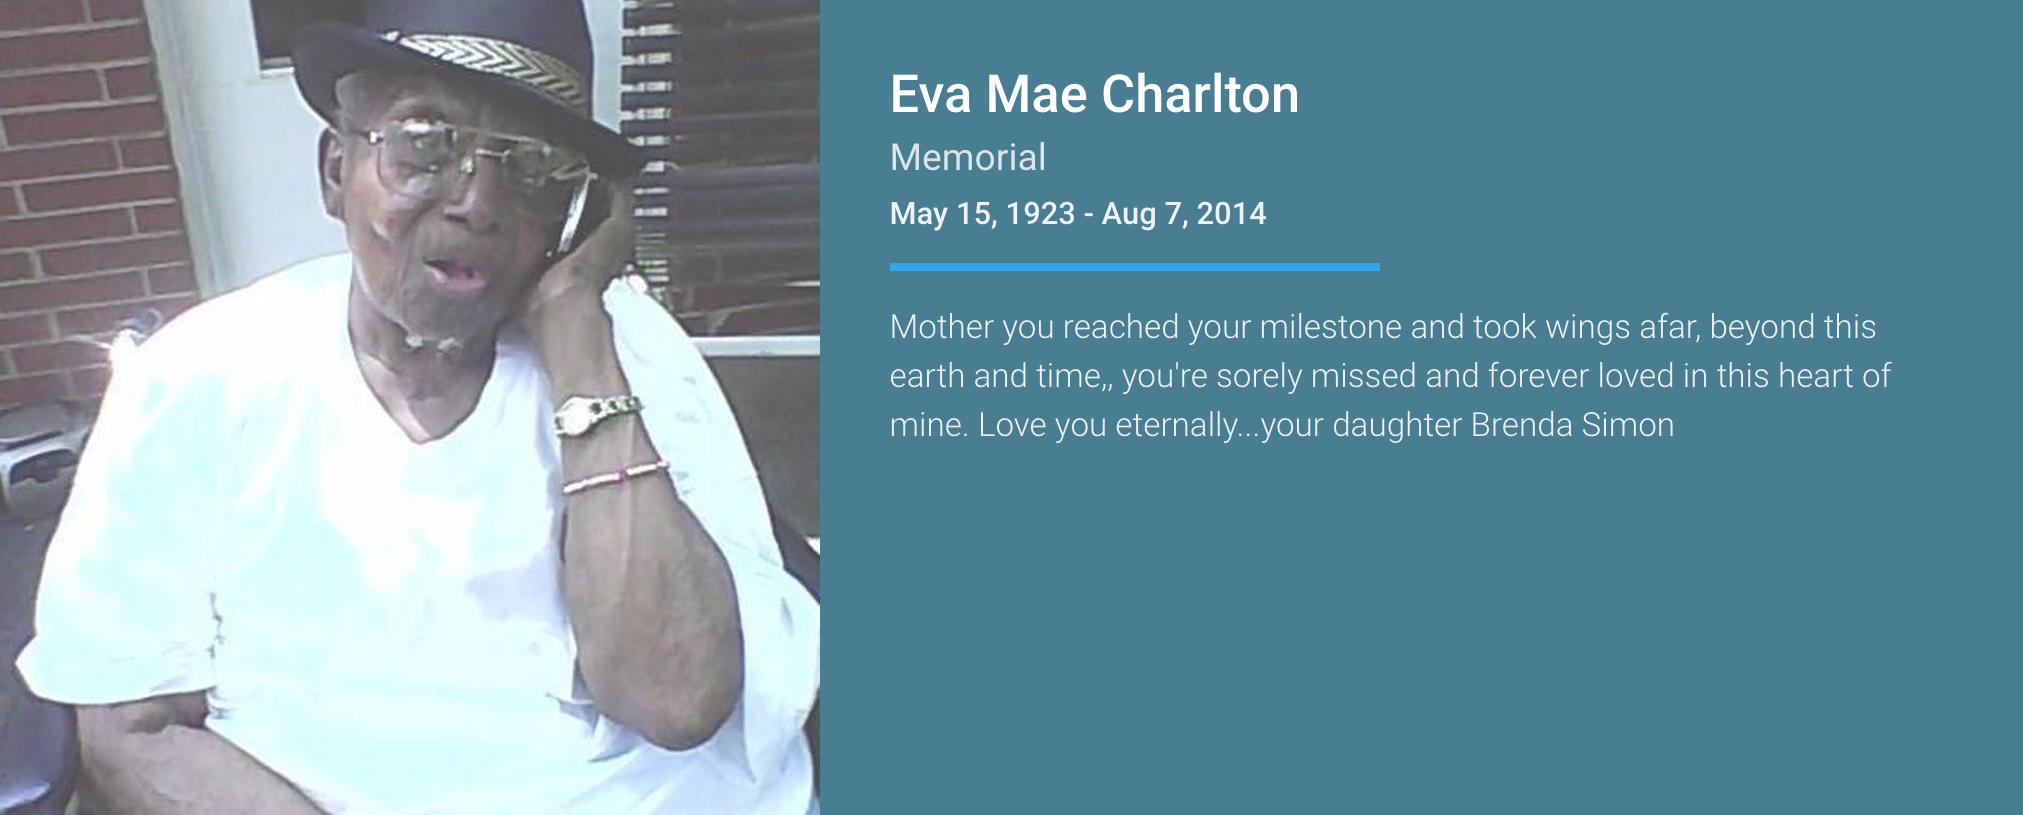 Eva Mae Charlton